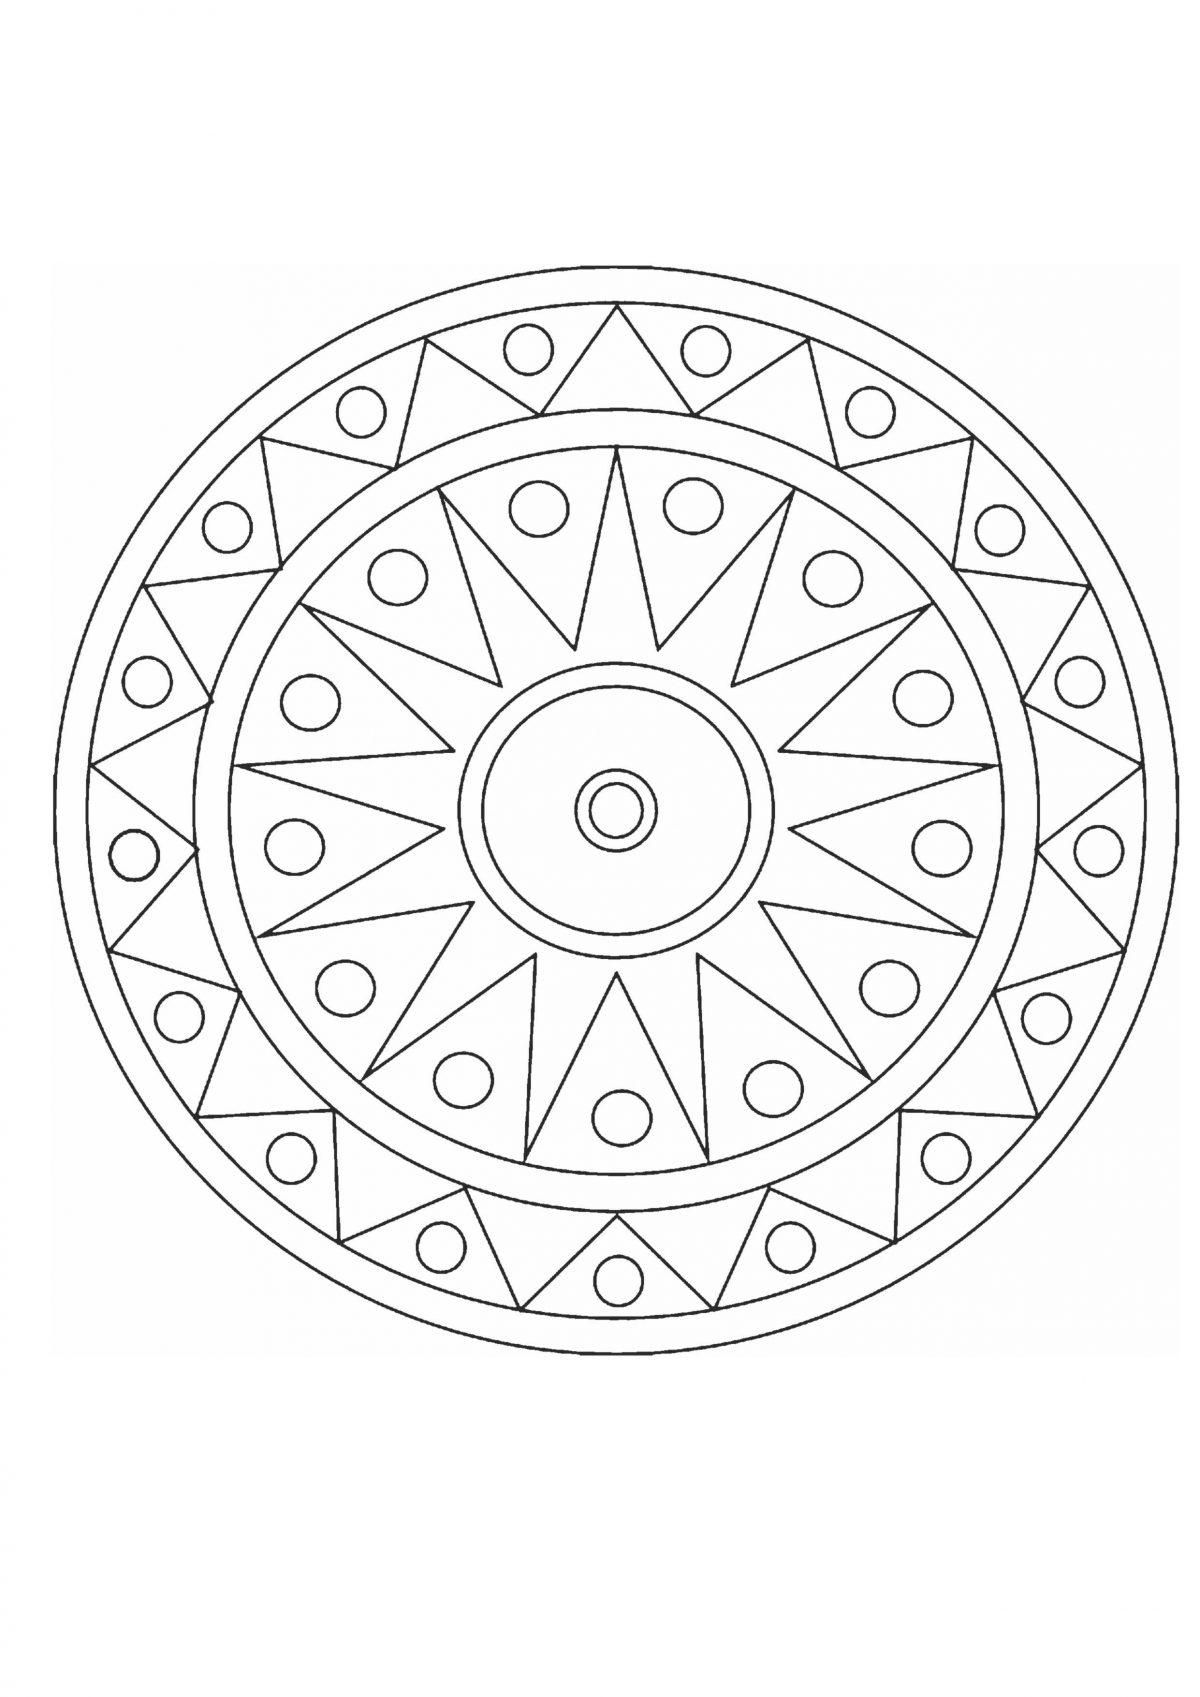 Круг с простым узором - Раскраски А4 формата для распечатки